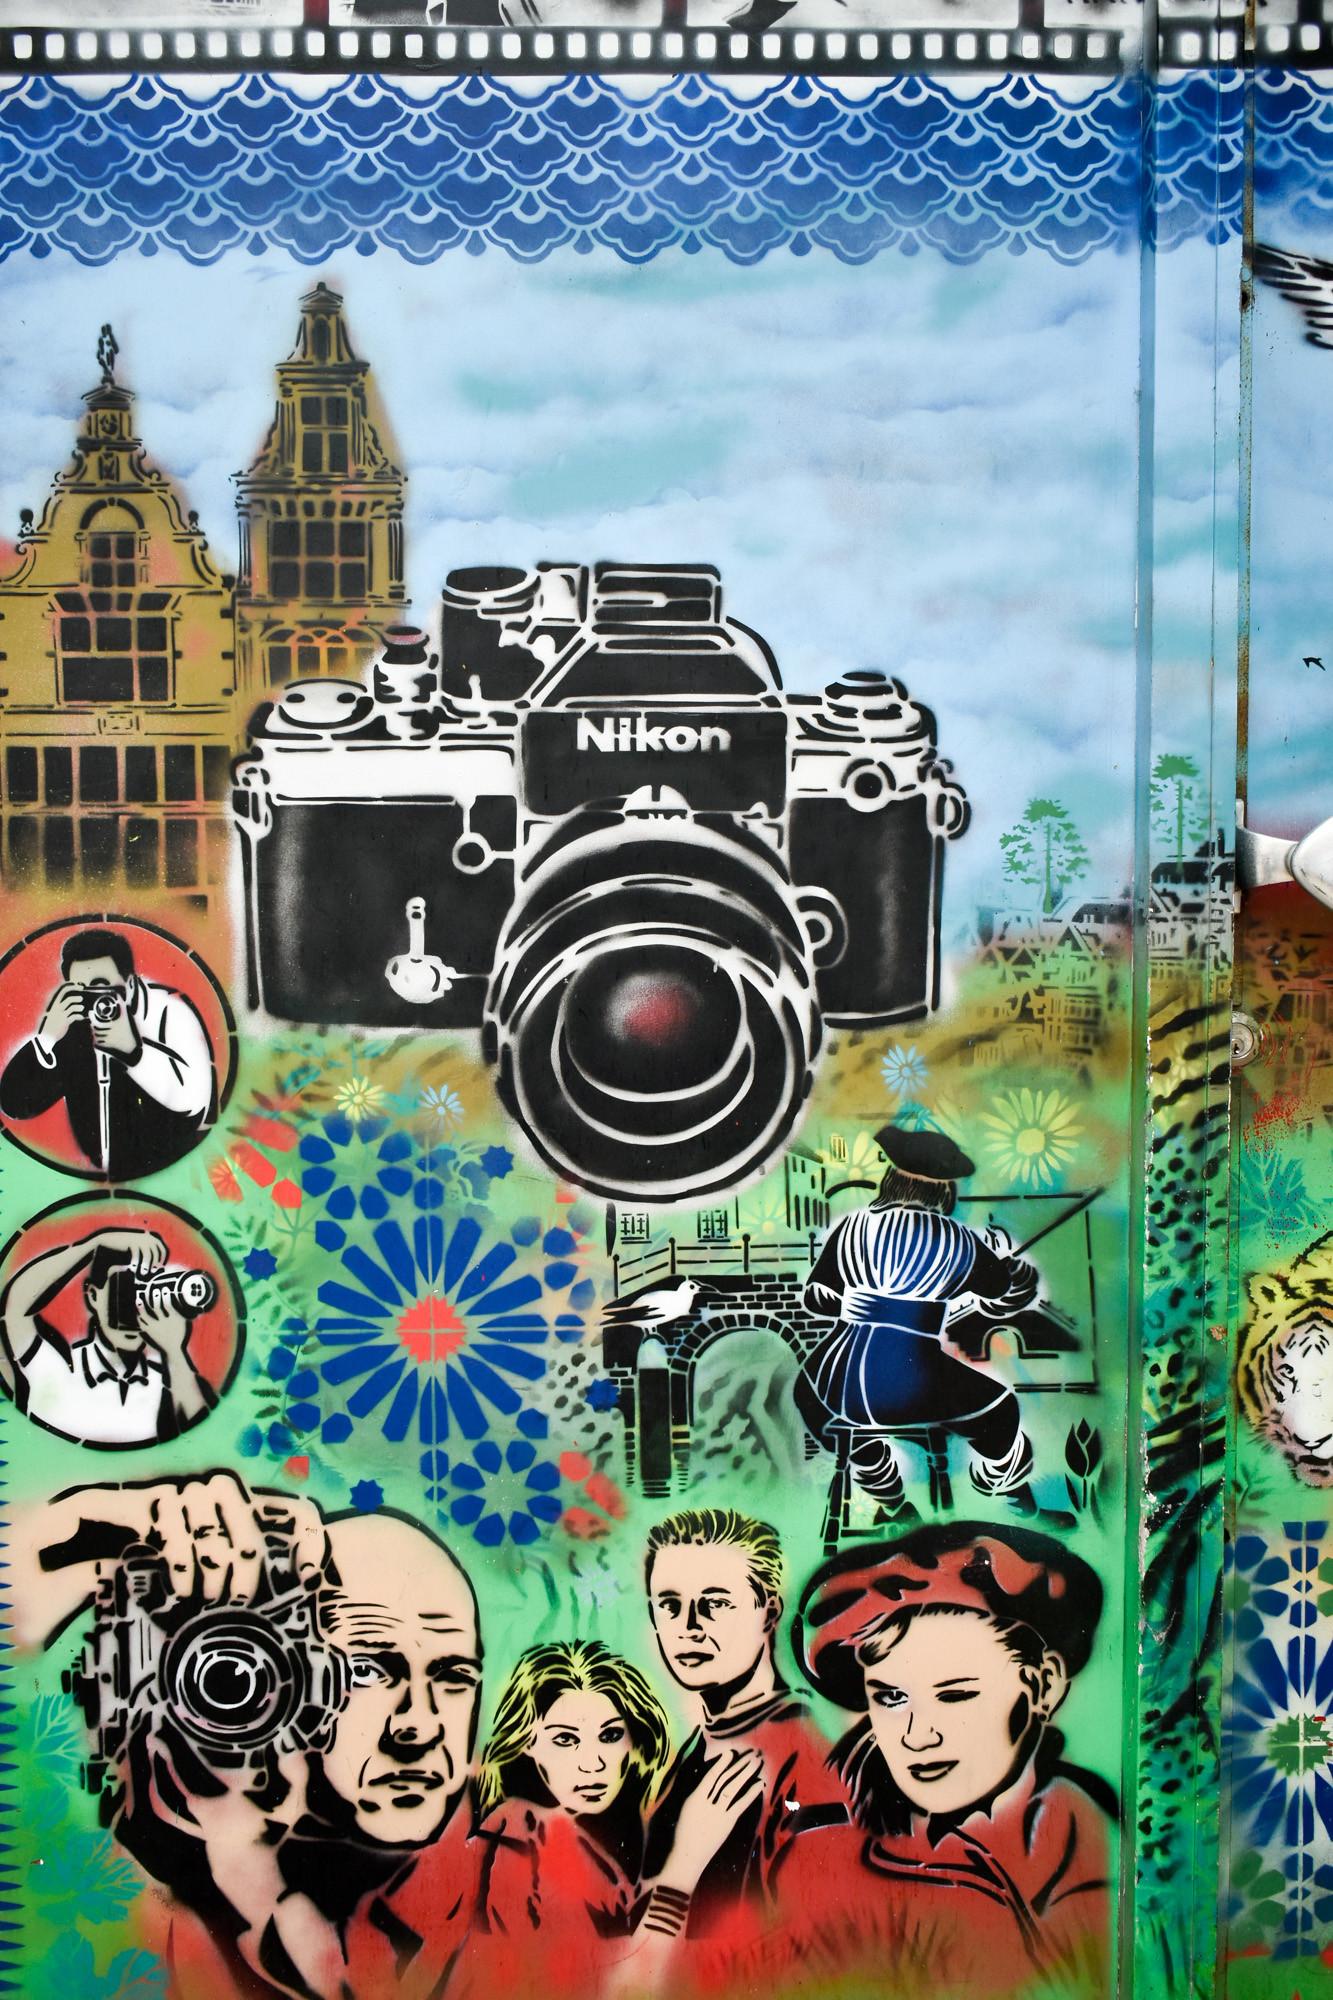 Graffiti urban Hugo Kaagman Nikon camera